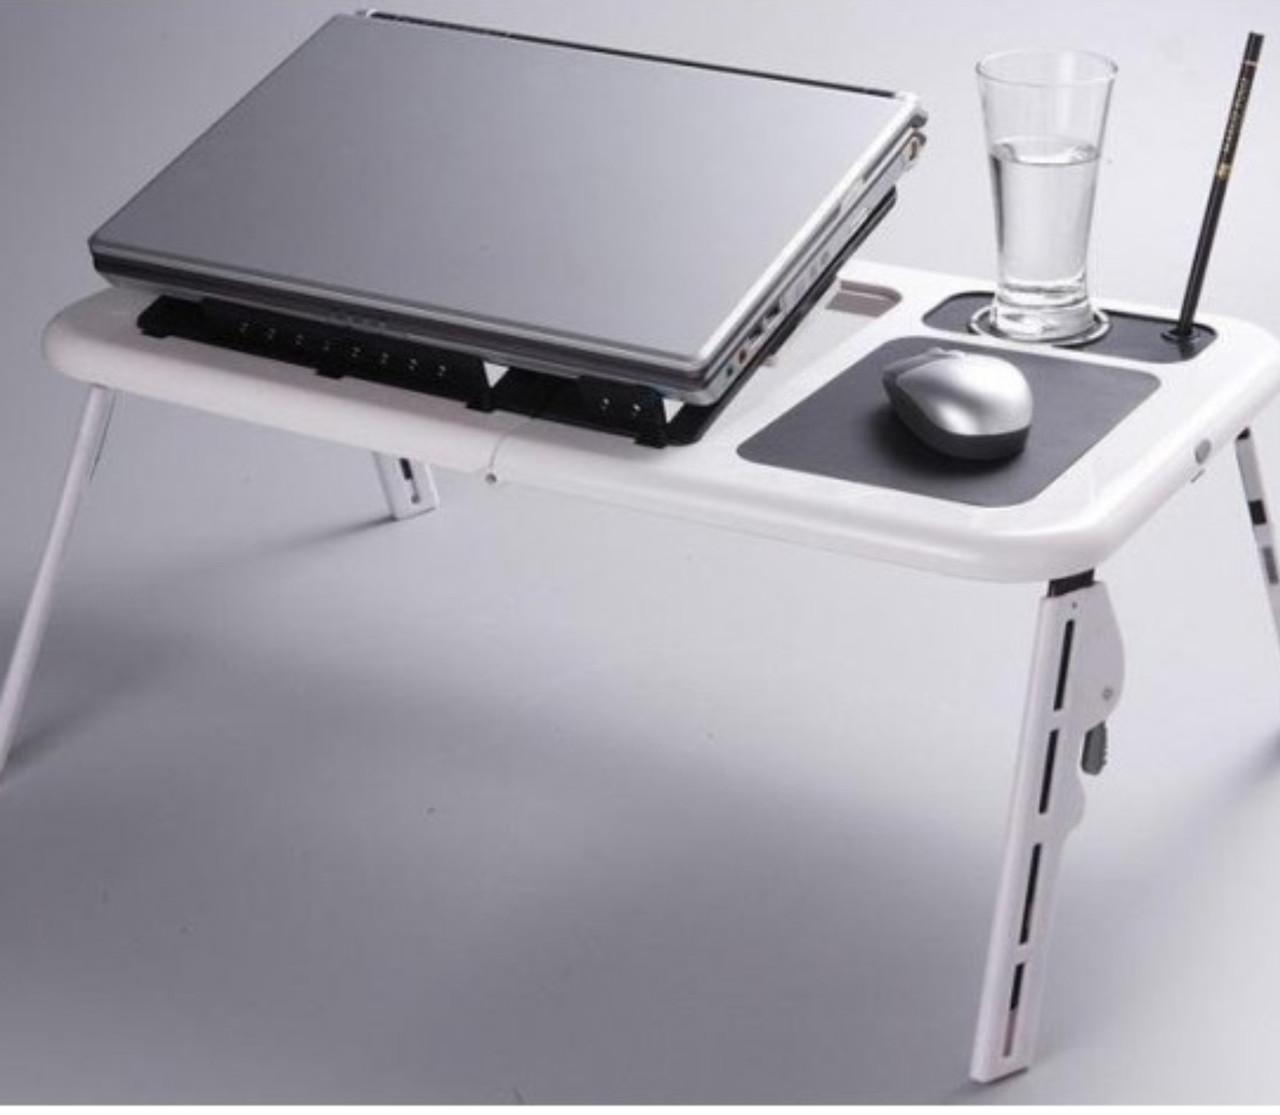 Cтолик для ноутбука E-Table LD09 с охлаждением